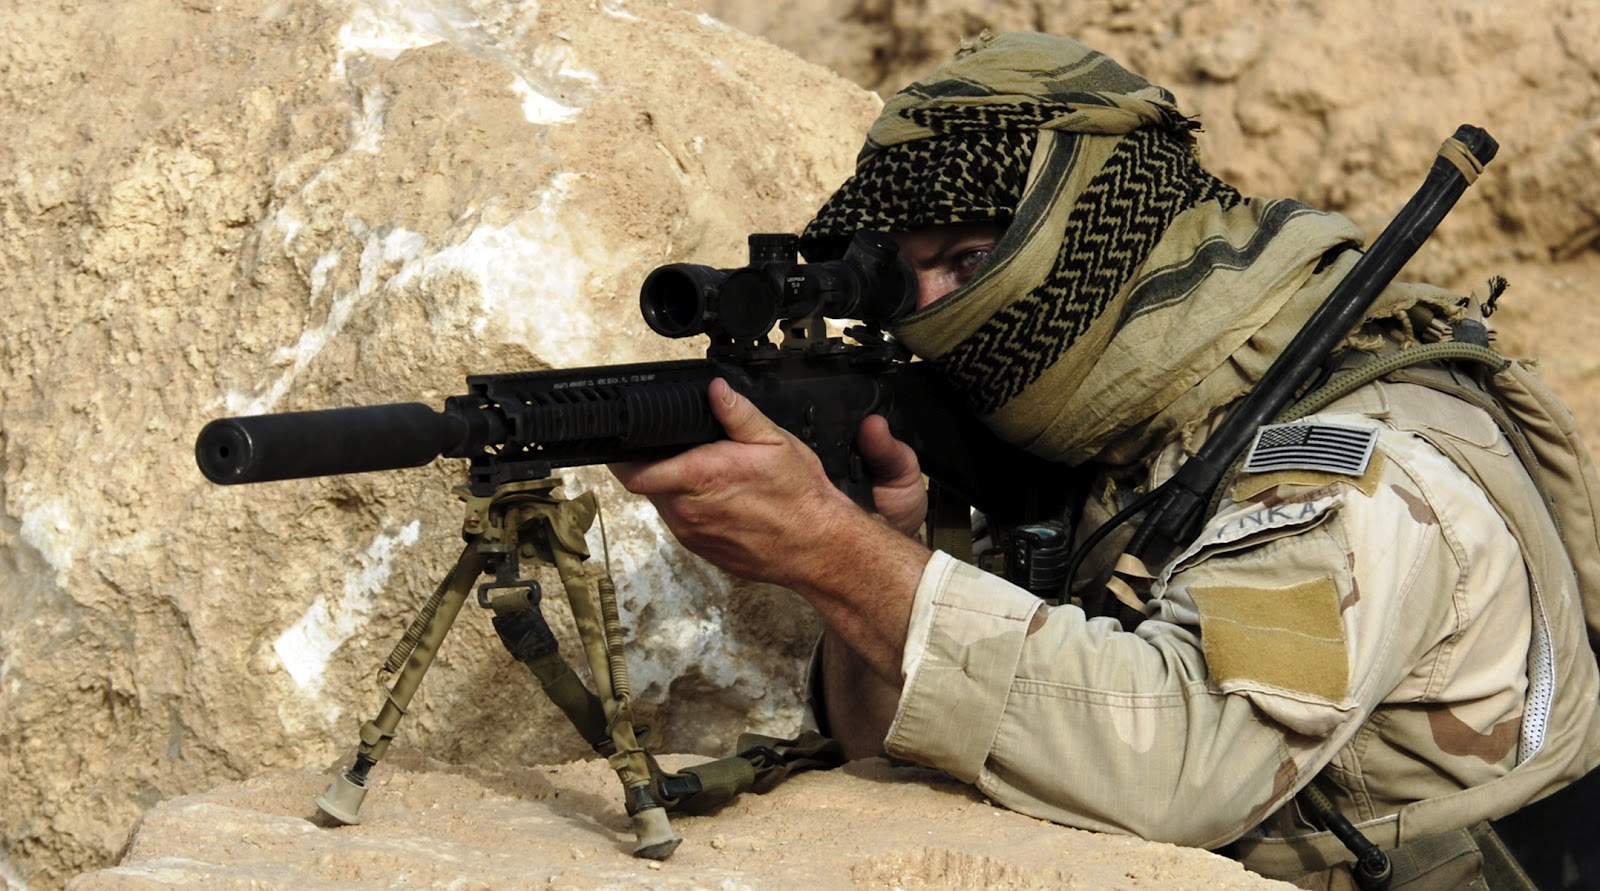 A SniperS War